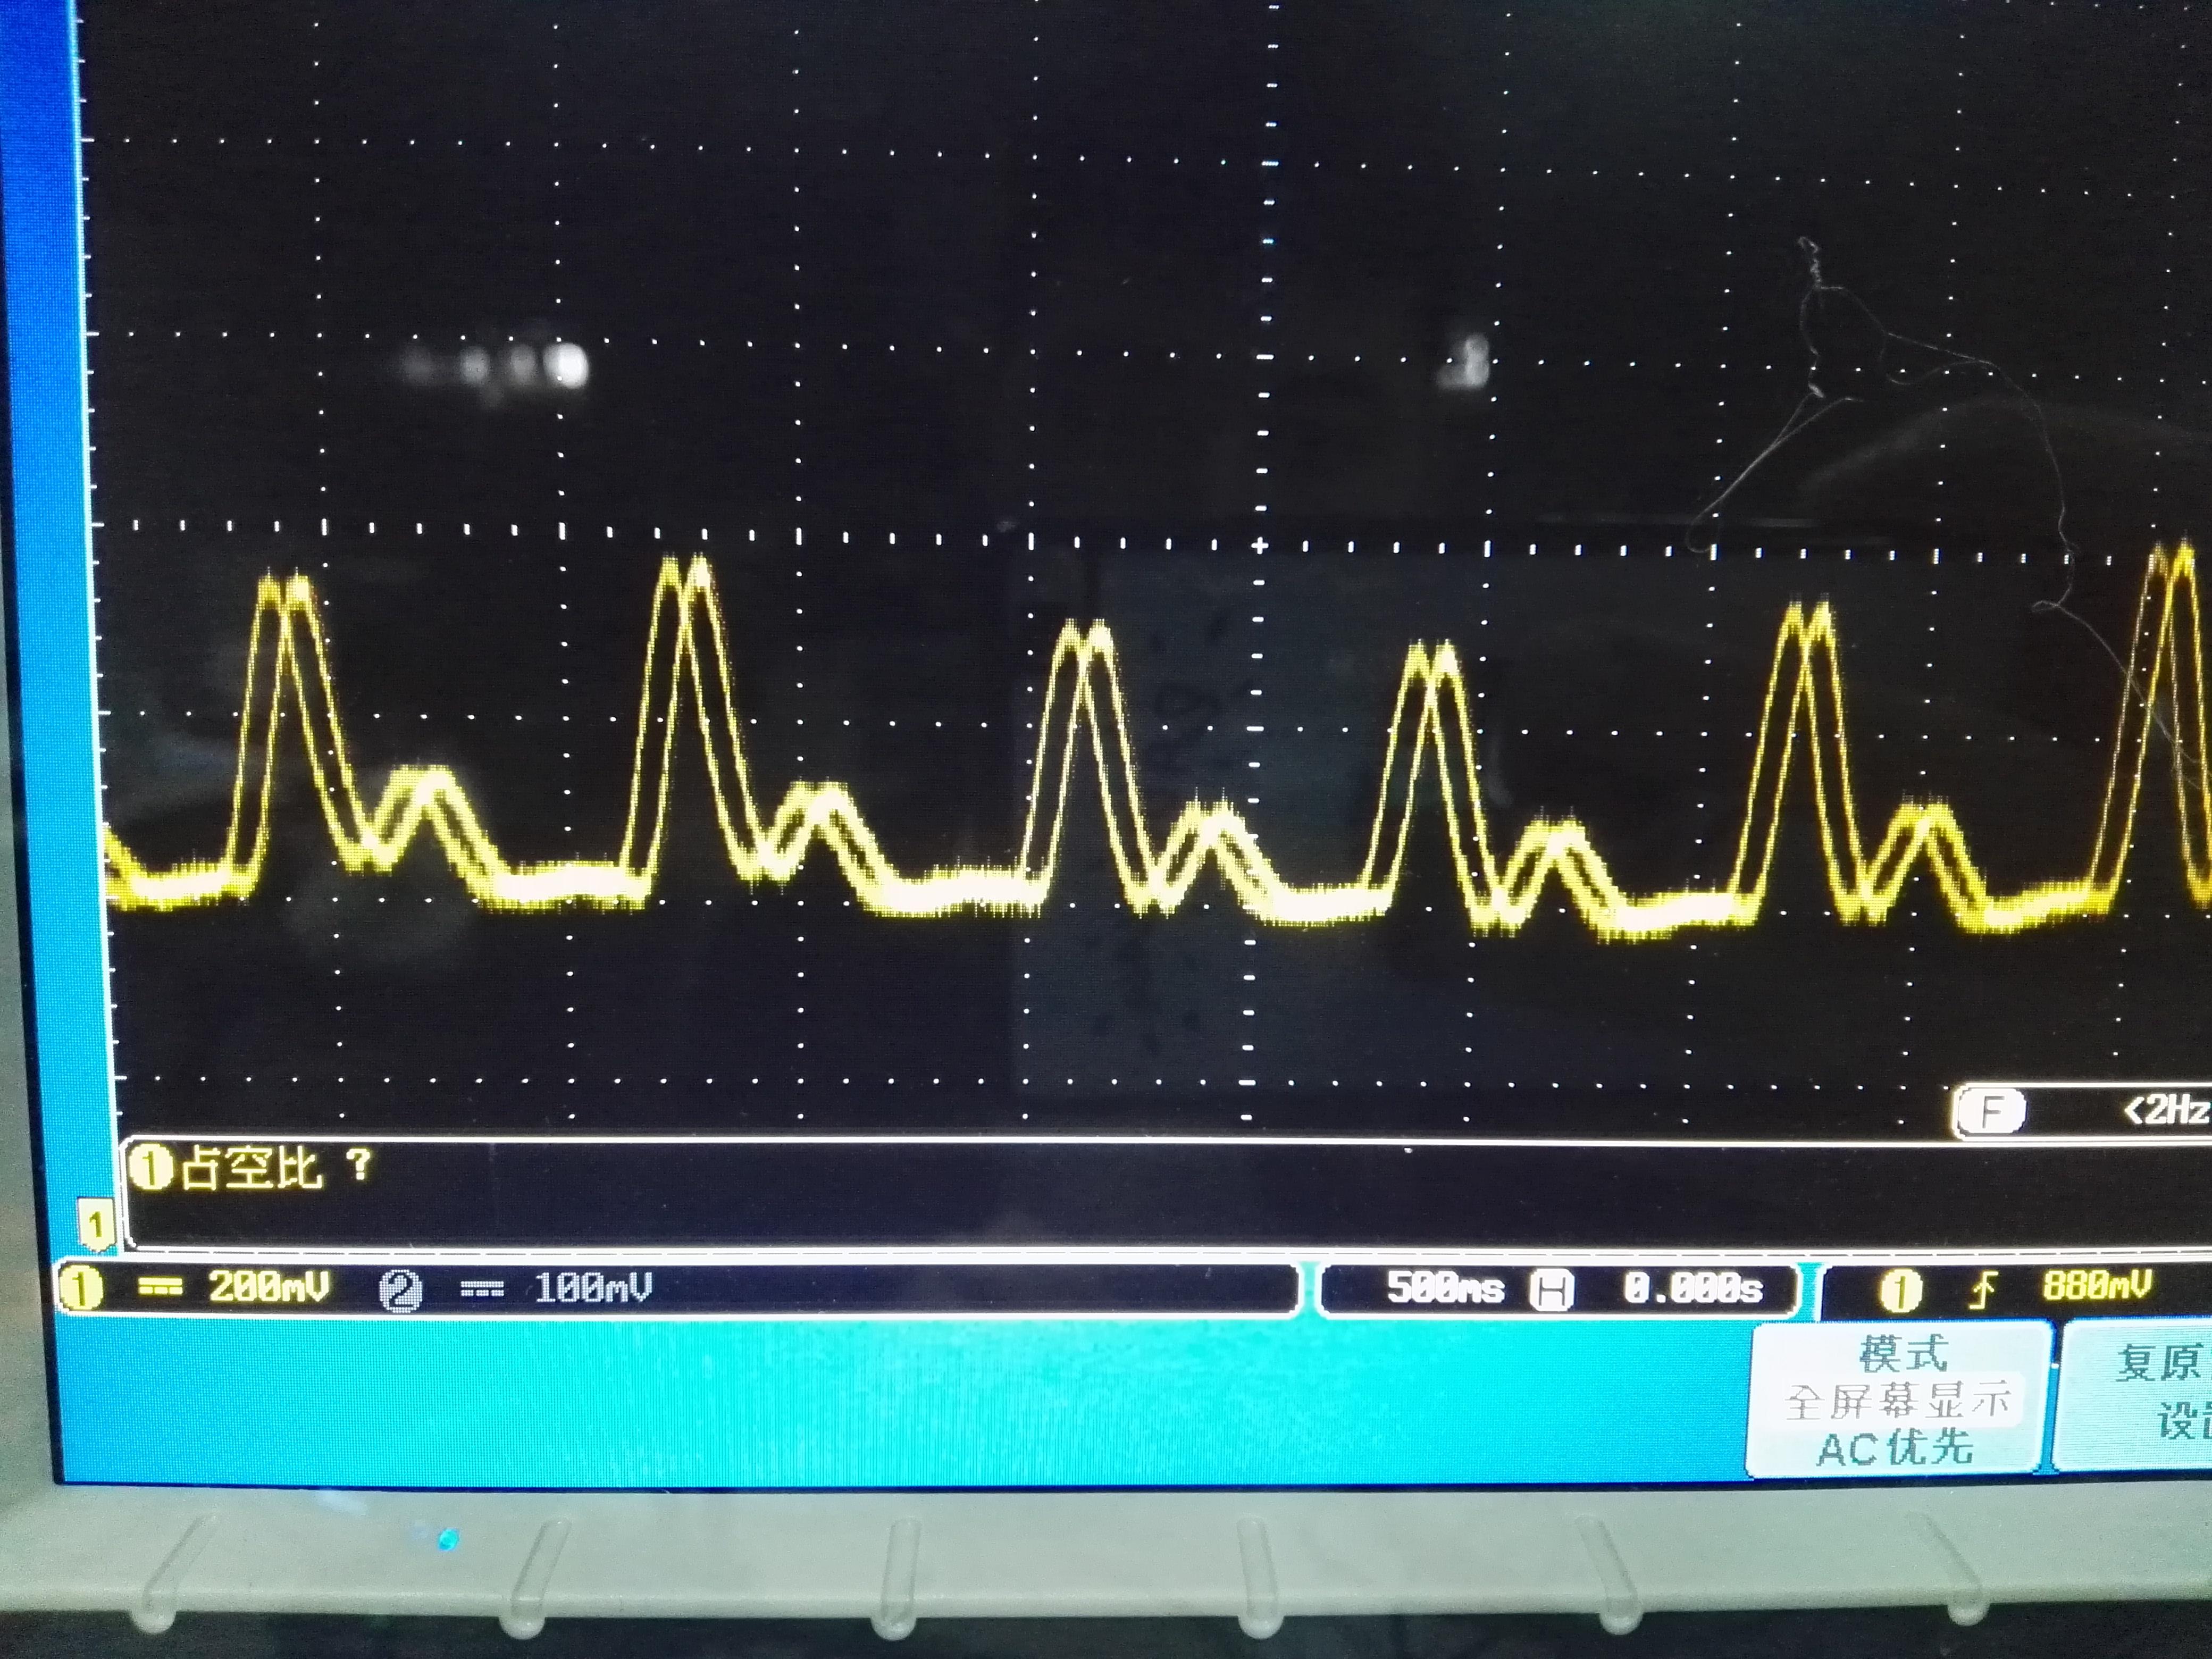 心率波形,有没有种医院做心电图的感觉